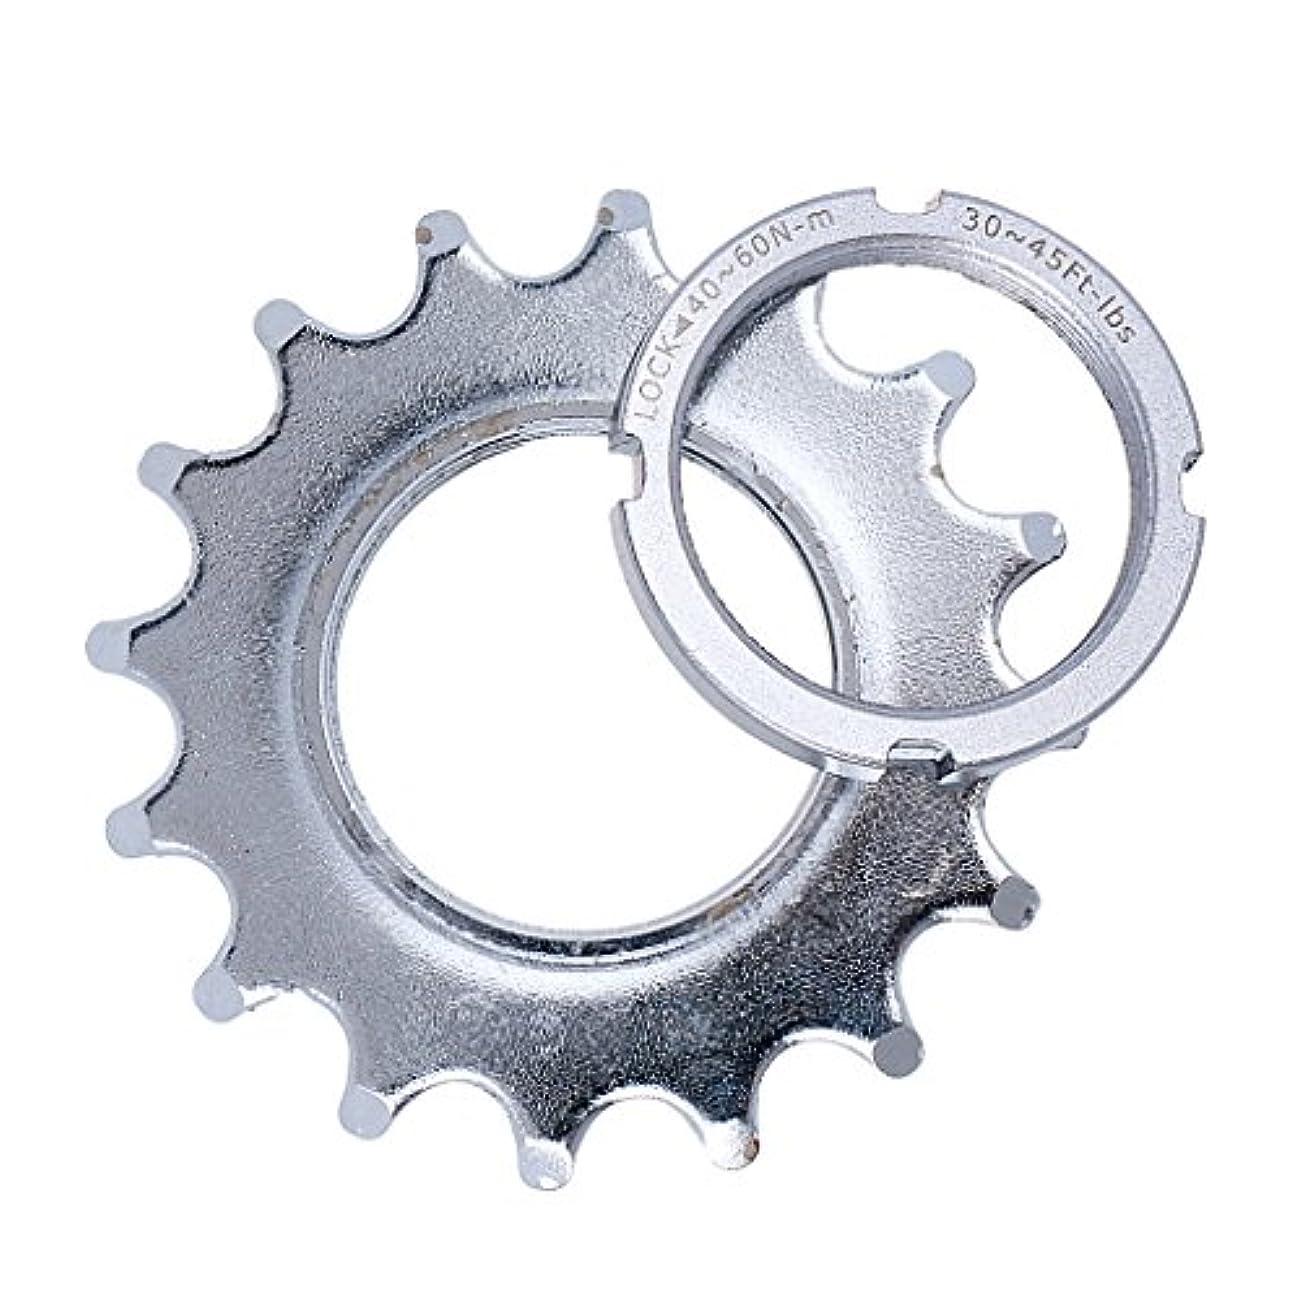 親指マークされた職業Perfeclan 自転車 スプロケット 固定ギア ピストトラック ロックリング メンテナンス用 交換部品